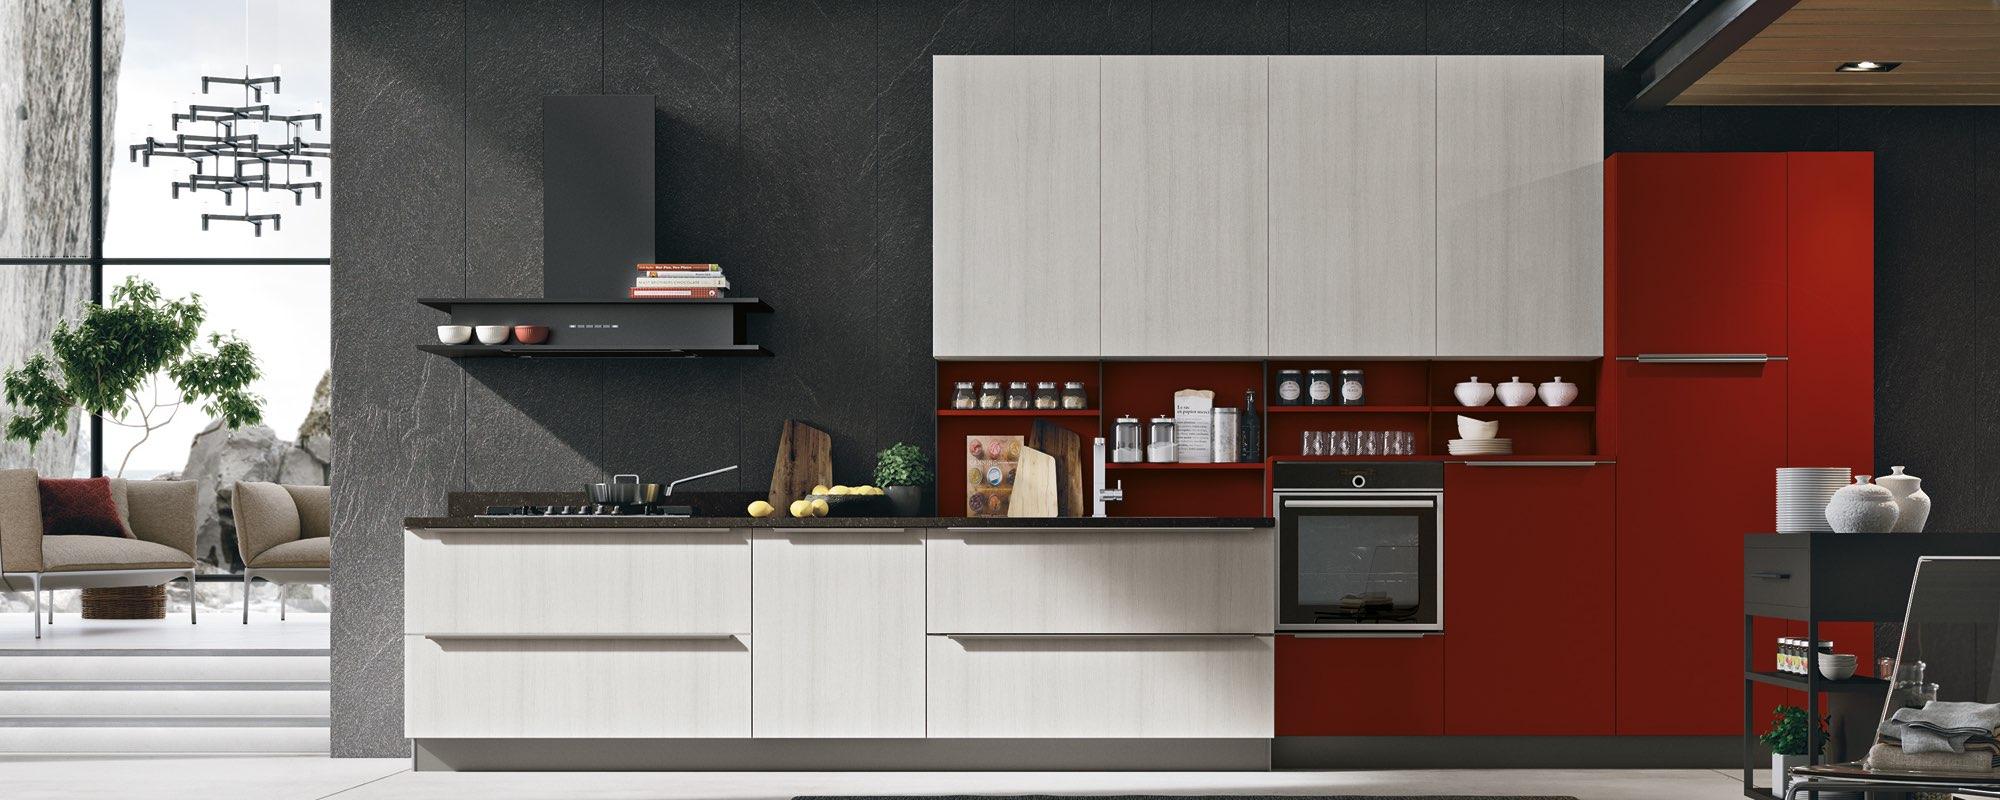 Cucina archivi arredamenti benevelli for Si riportano in cucina